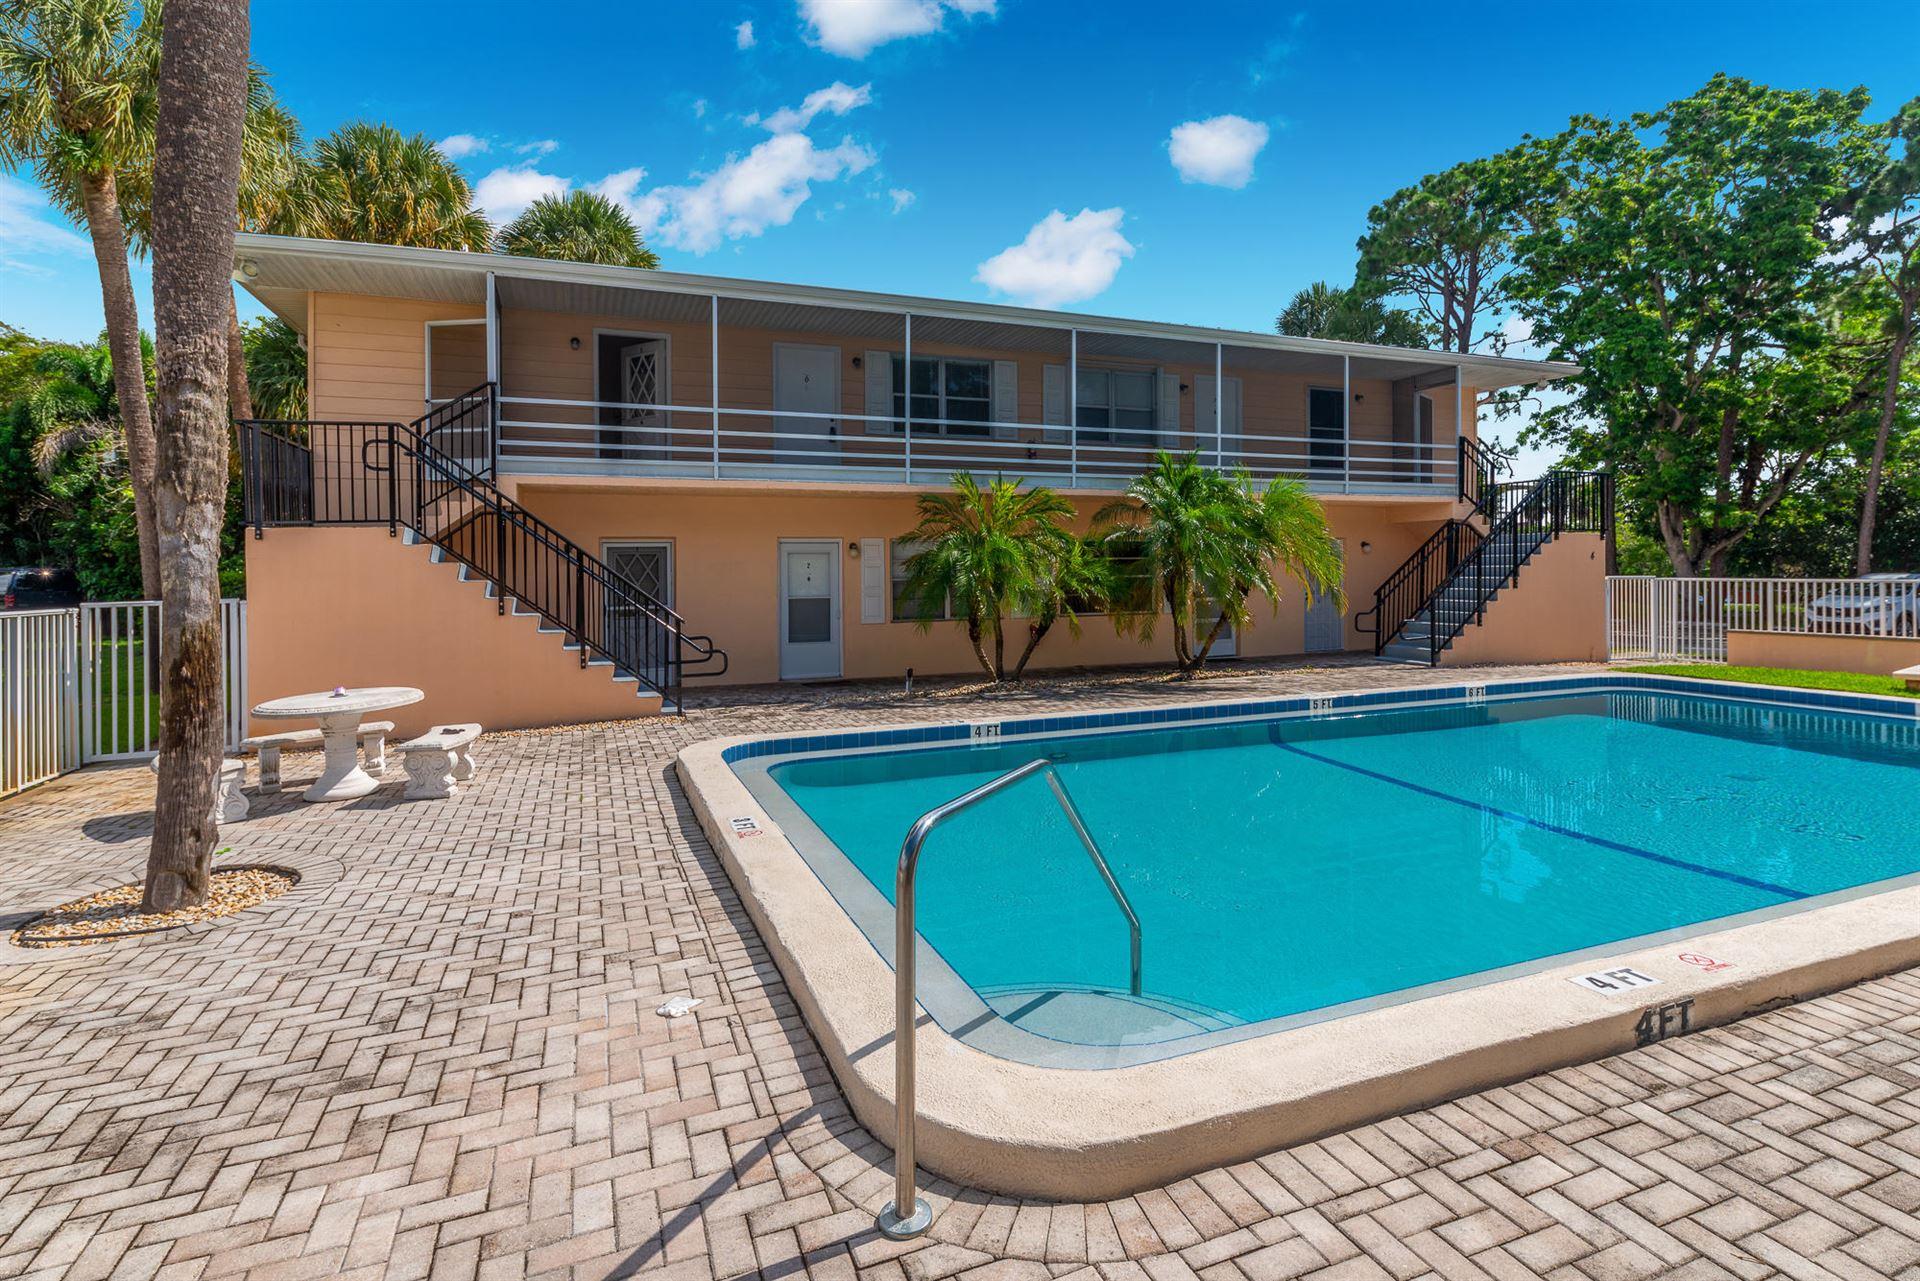 333 SE Martin Avenue #4-6, Stuart, FL 34996 - #: RX-10640253